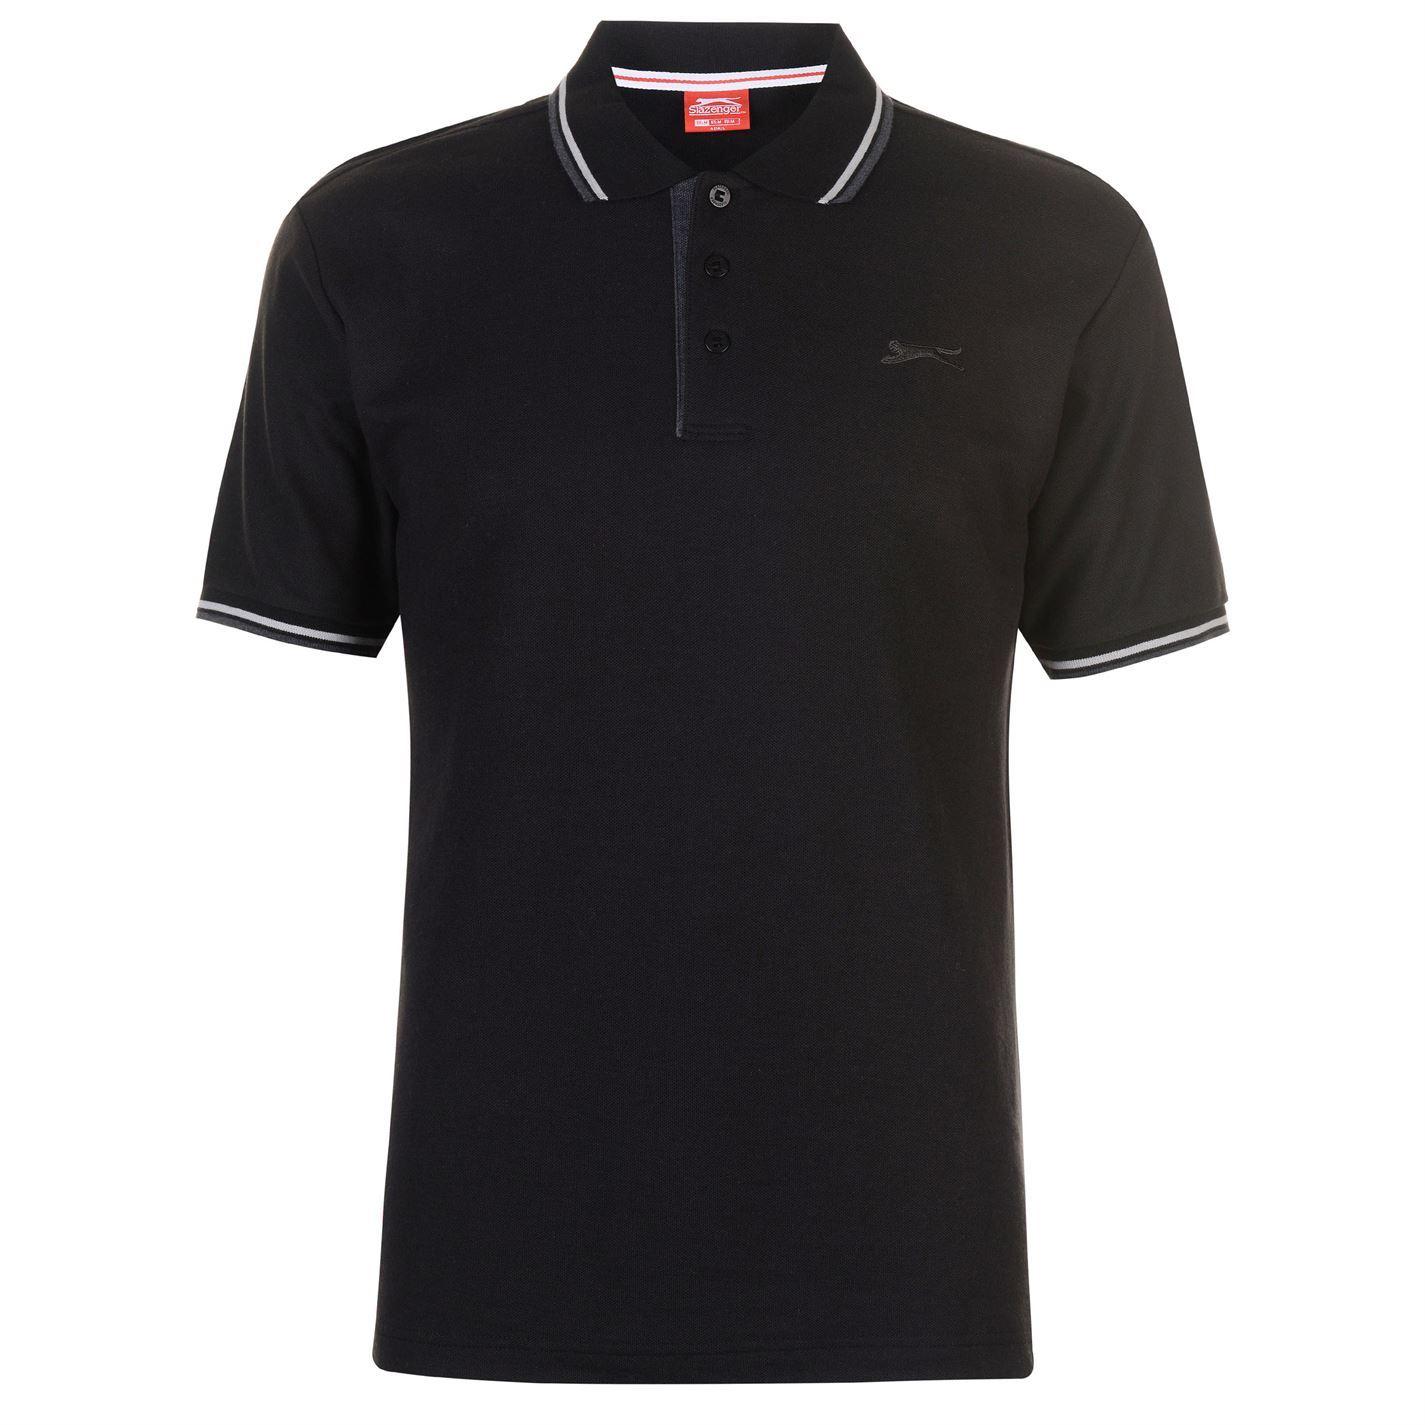 Slazenger-Polo-Camisa-de-hombre-con-cuello-con-Punta-T-Shirt-Top-Camiseta-Tee miniatura 6